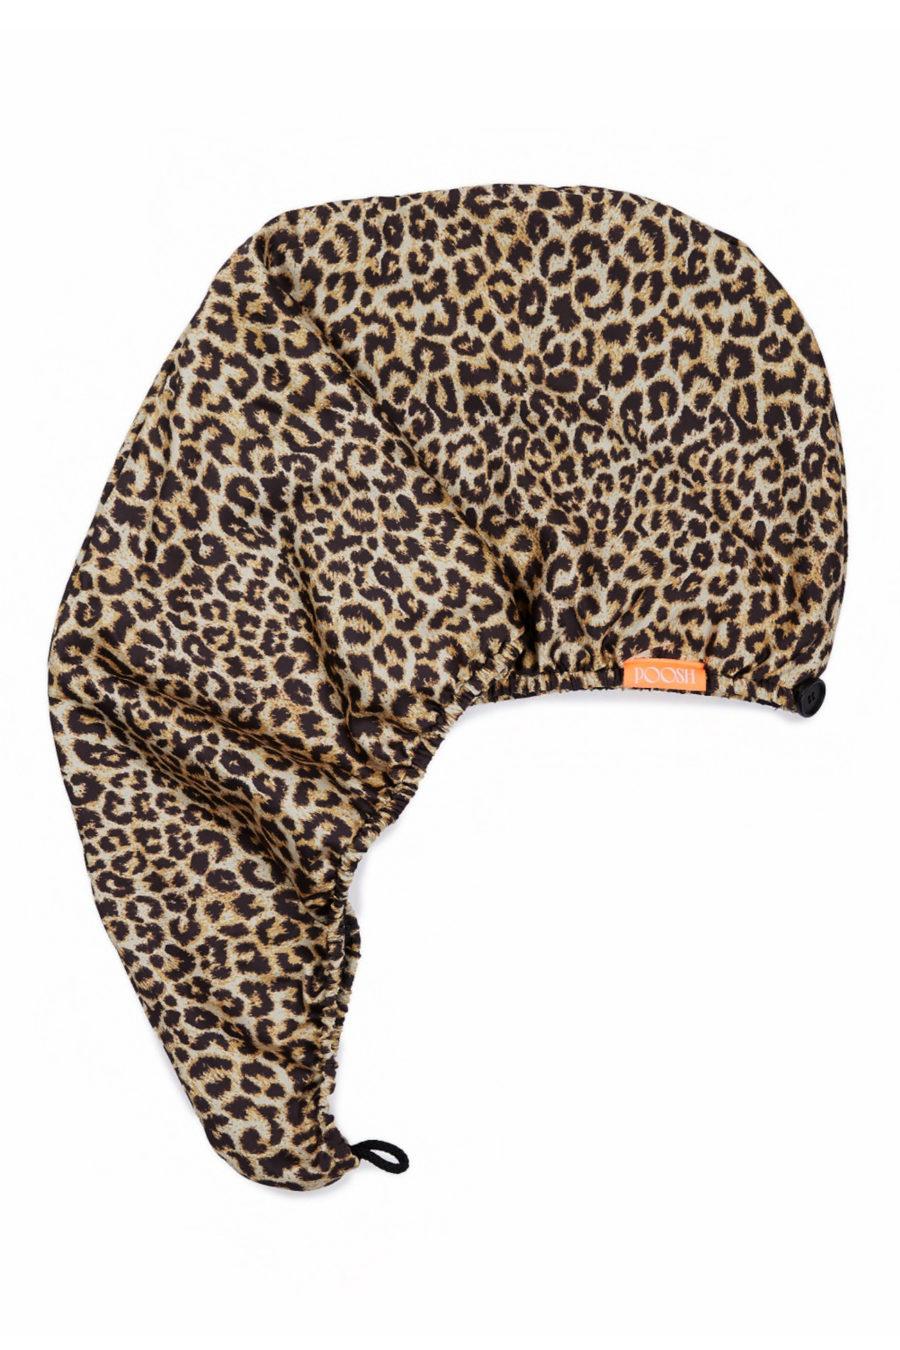 Aquis x Poosh leopard print turban